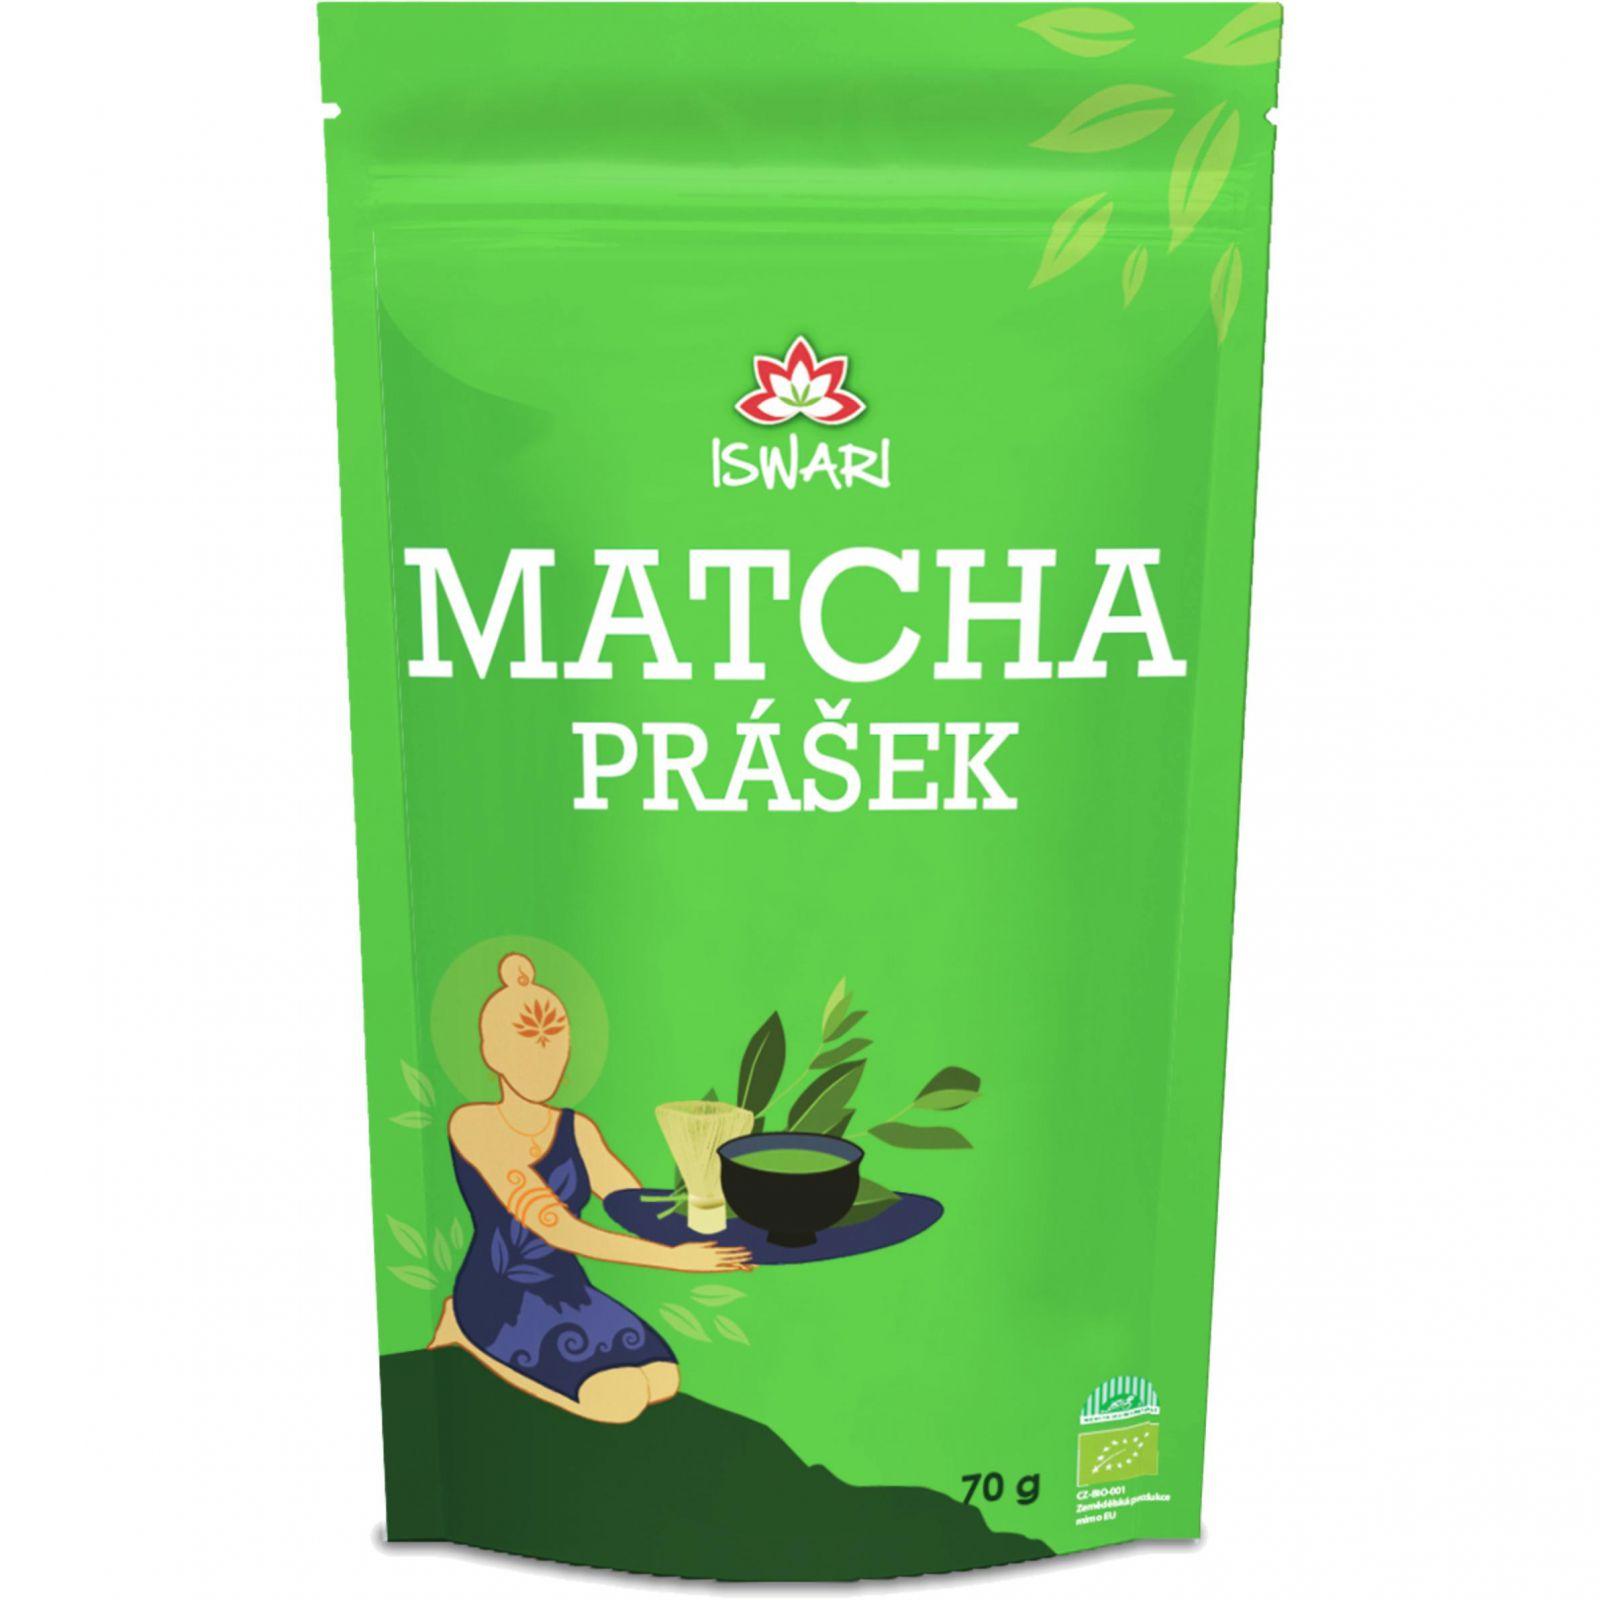 Iswari Matcha 70 g